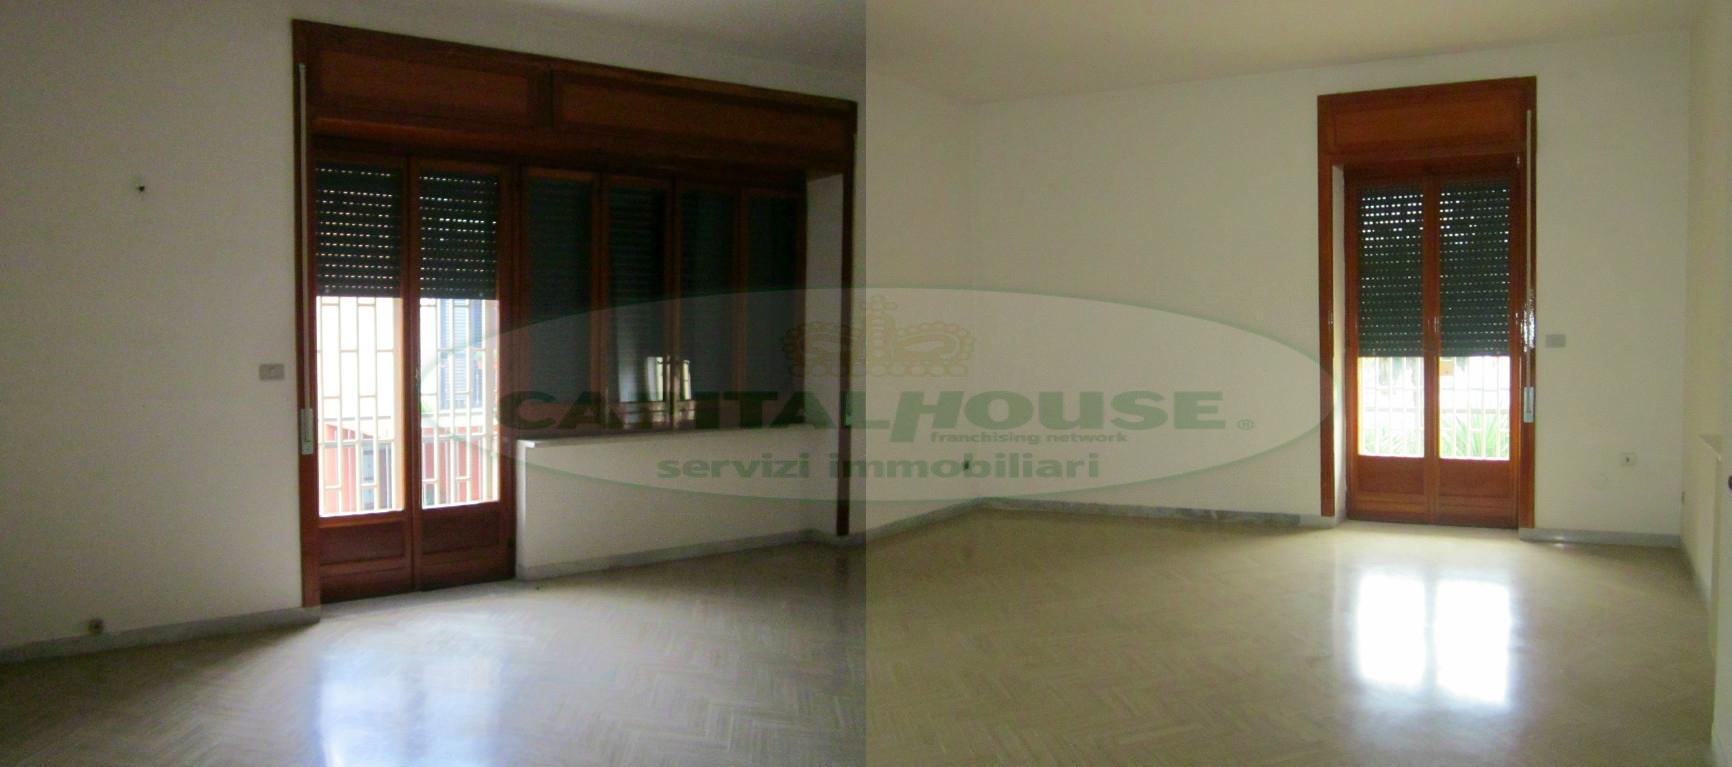 Appartamento in affitto a San Nicola la Strada, 3 locali, zona Località: L.DaVinci, prezzo € 500 | CambioCasa.it